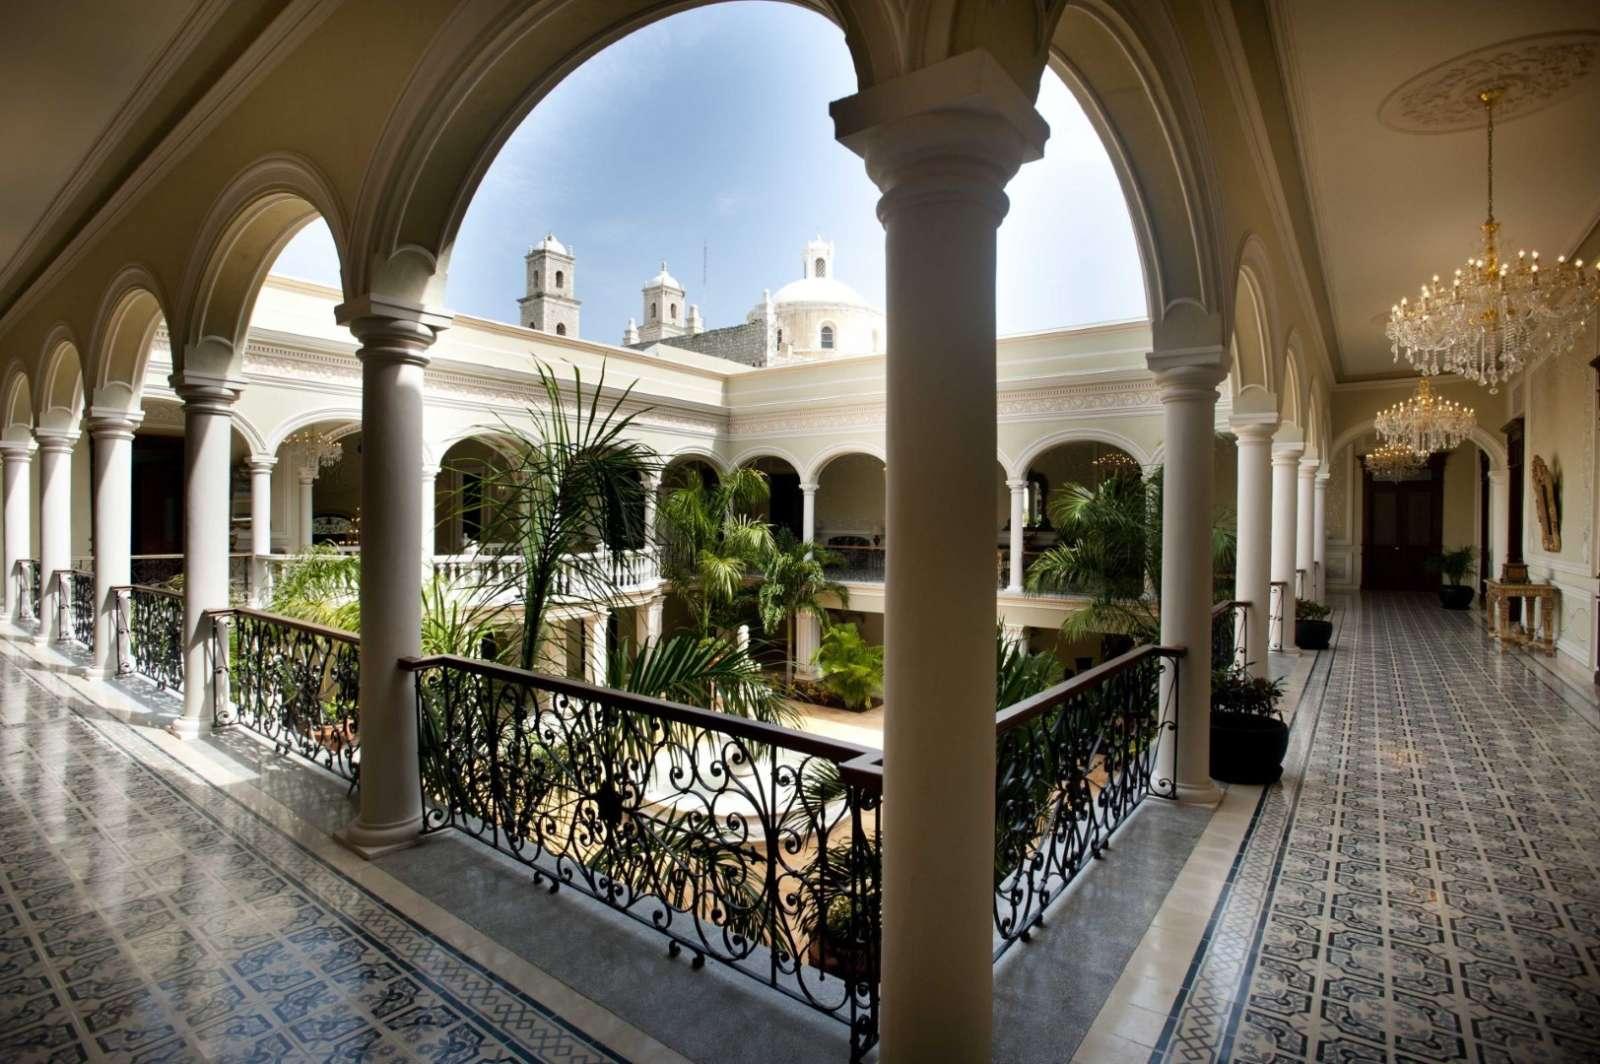 Mansion Merida Courtyard View